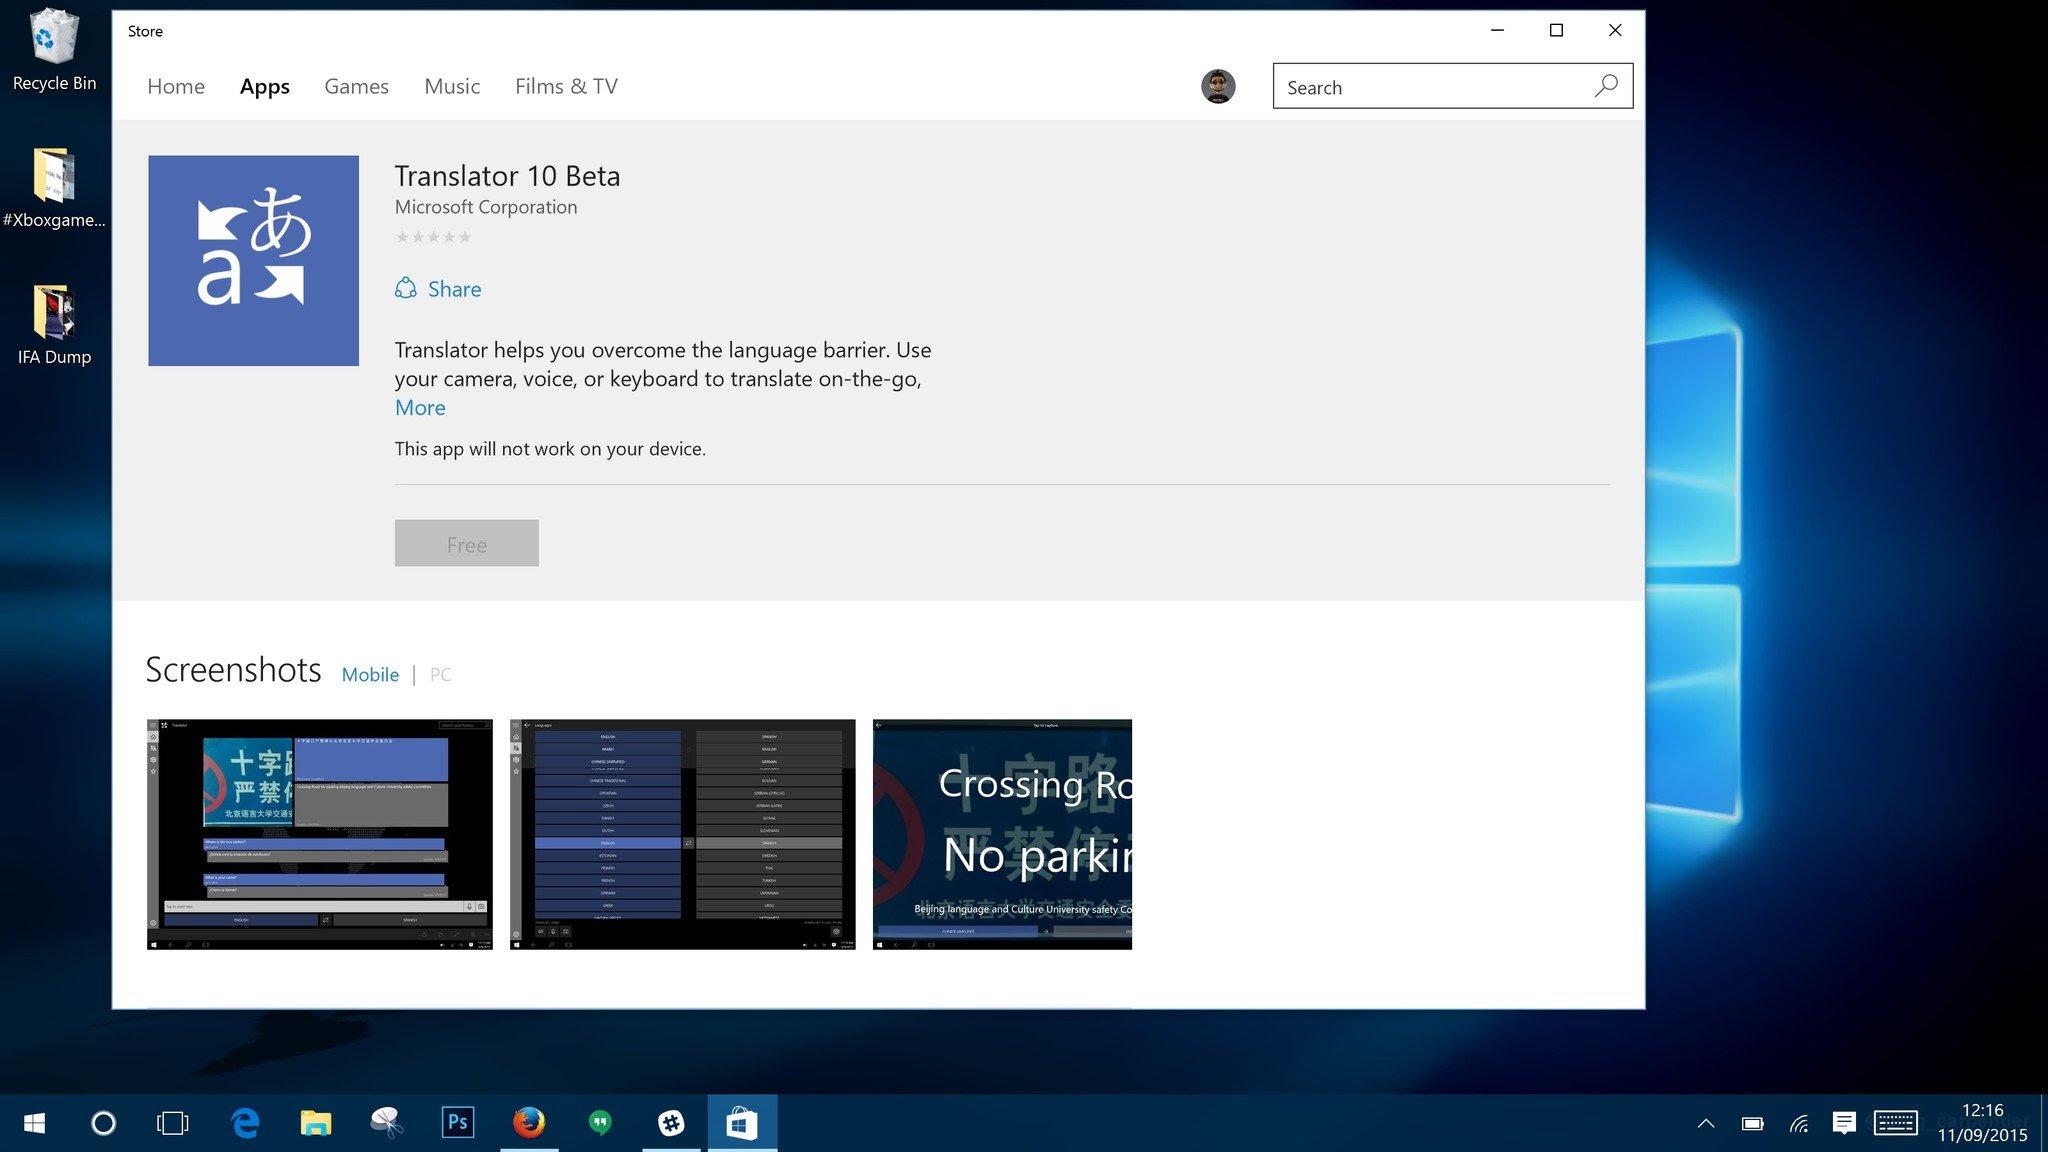 Microsoft Translator 10 Beta